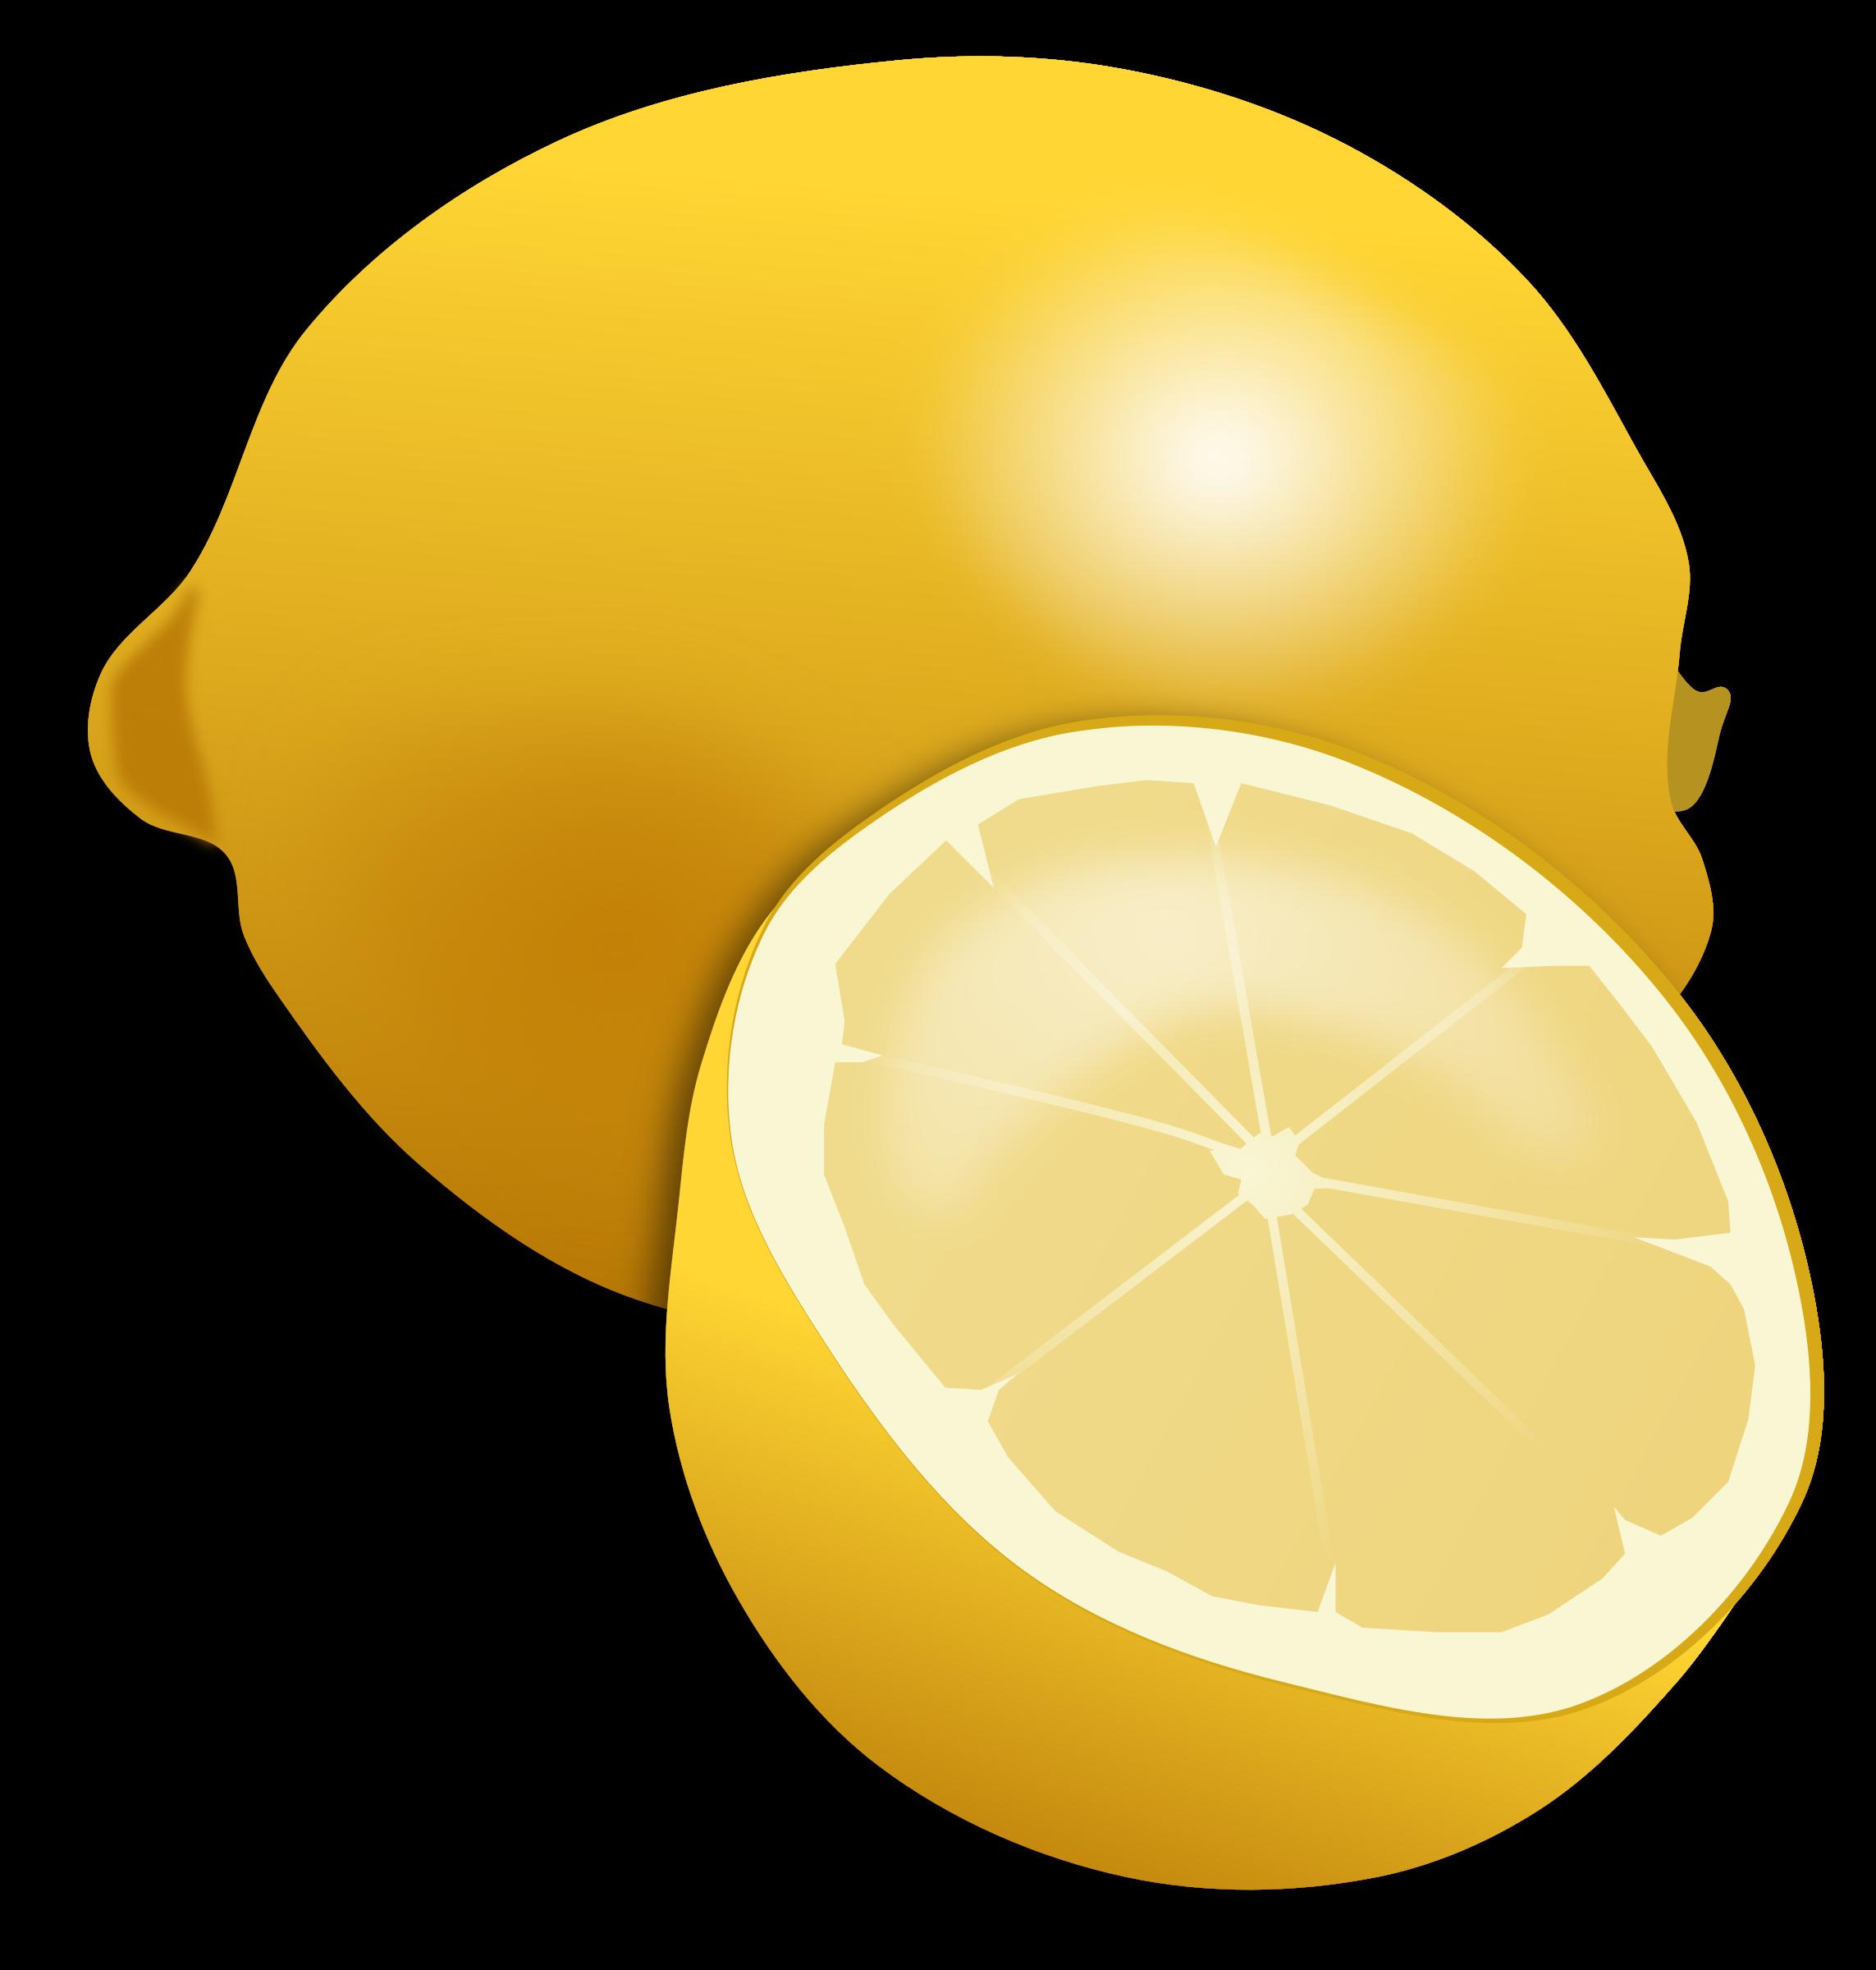 svg freeuse download Lemon clipart lemon slice. .